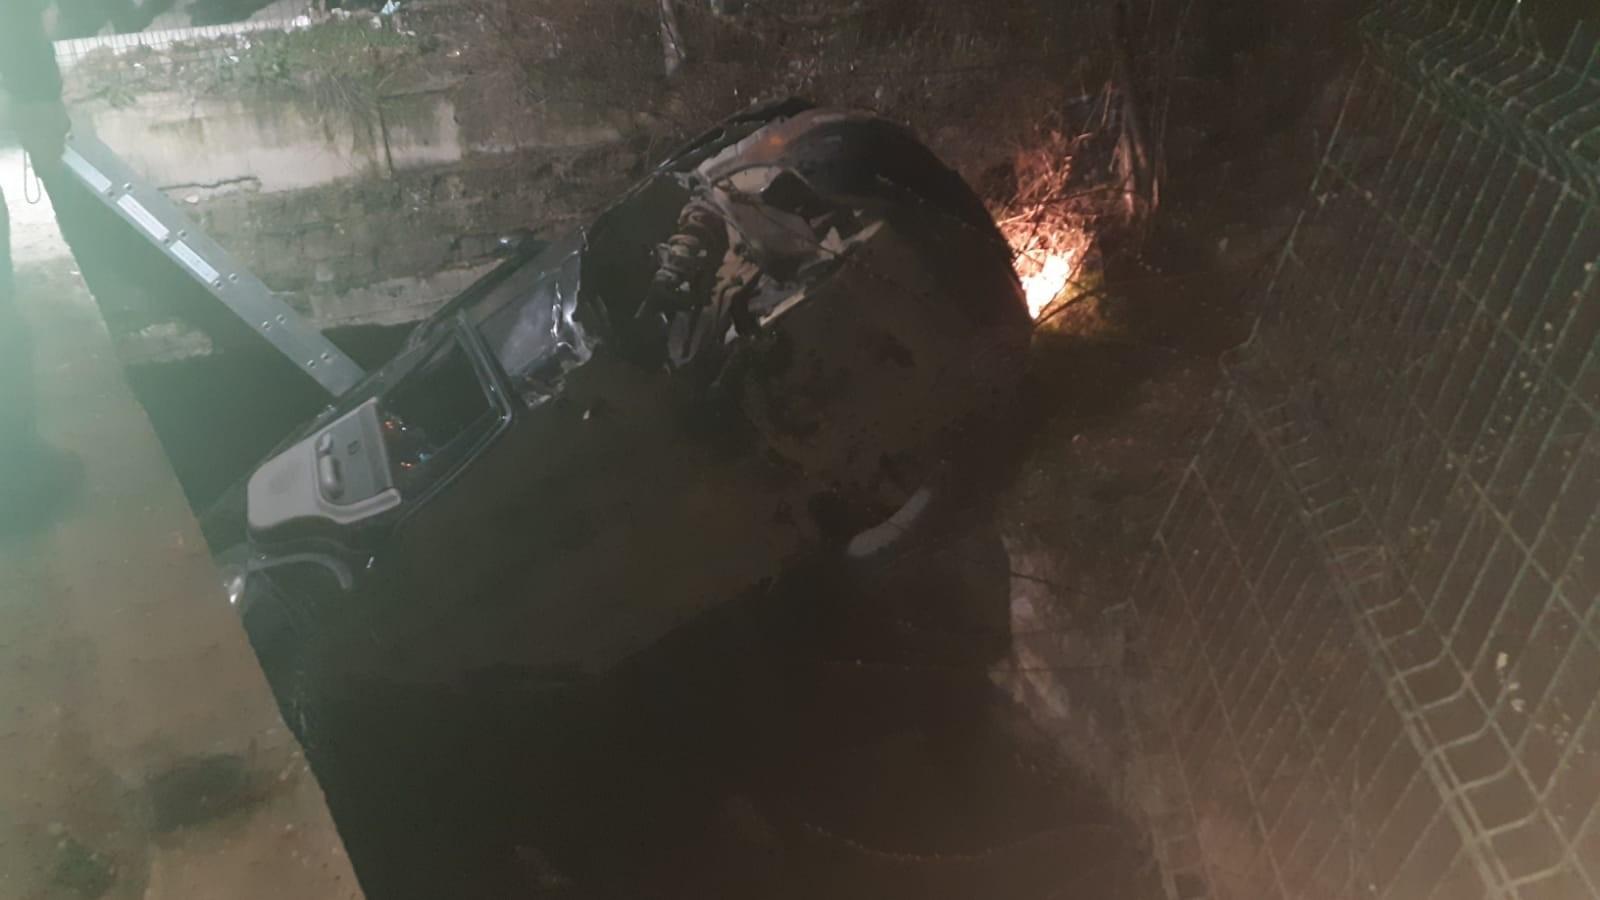 Elbistan'da direksiyon hakimiyetini kaybeden cip kanala uçtu 1 ölü